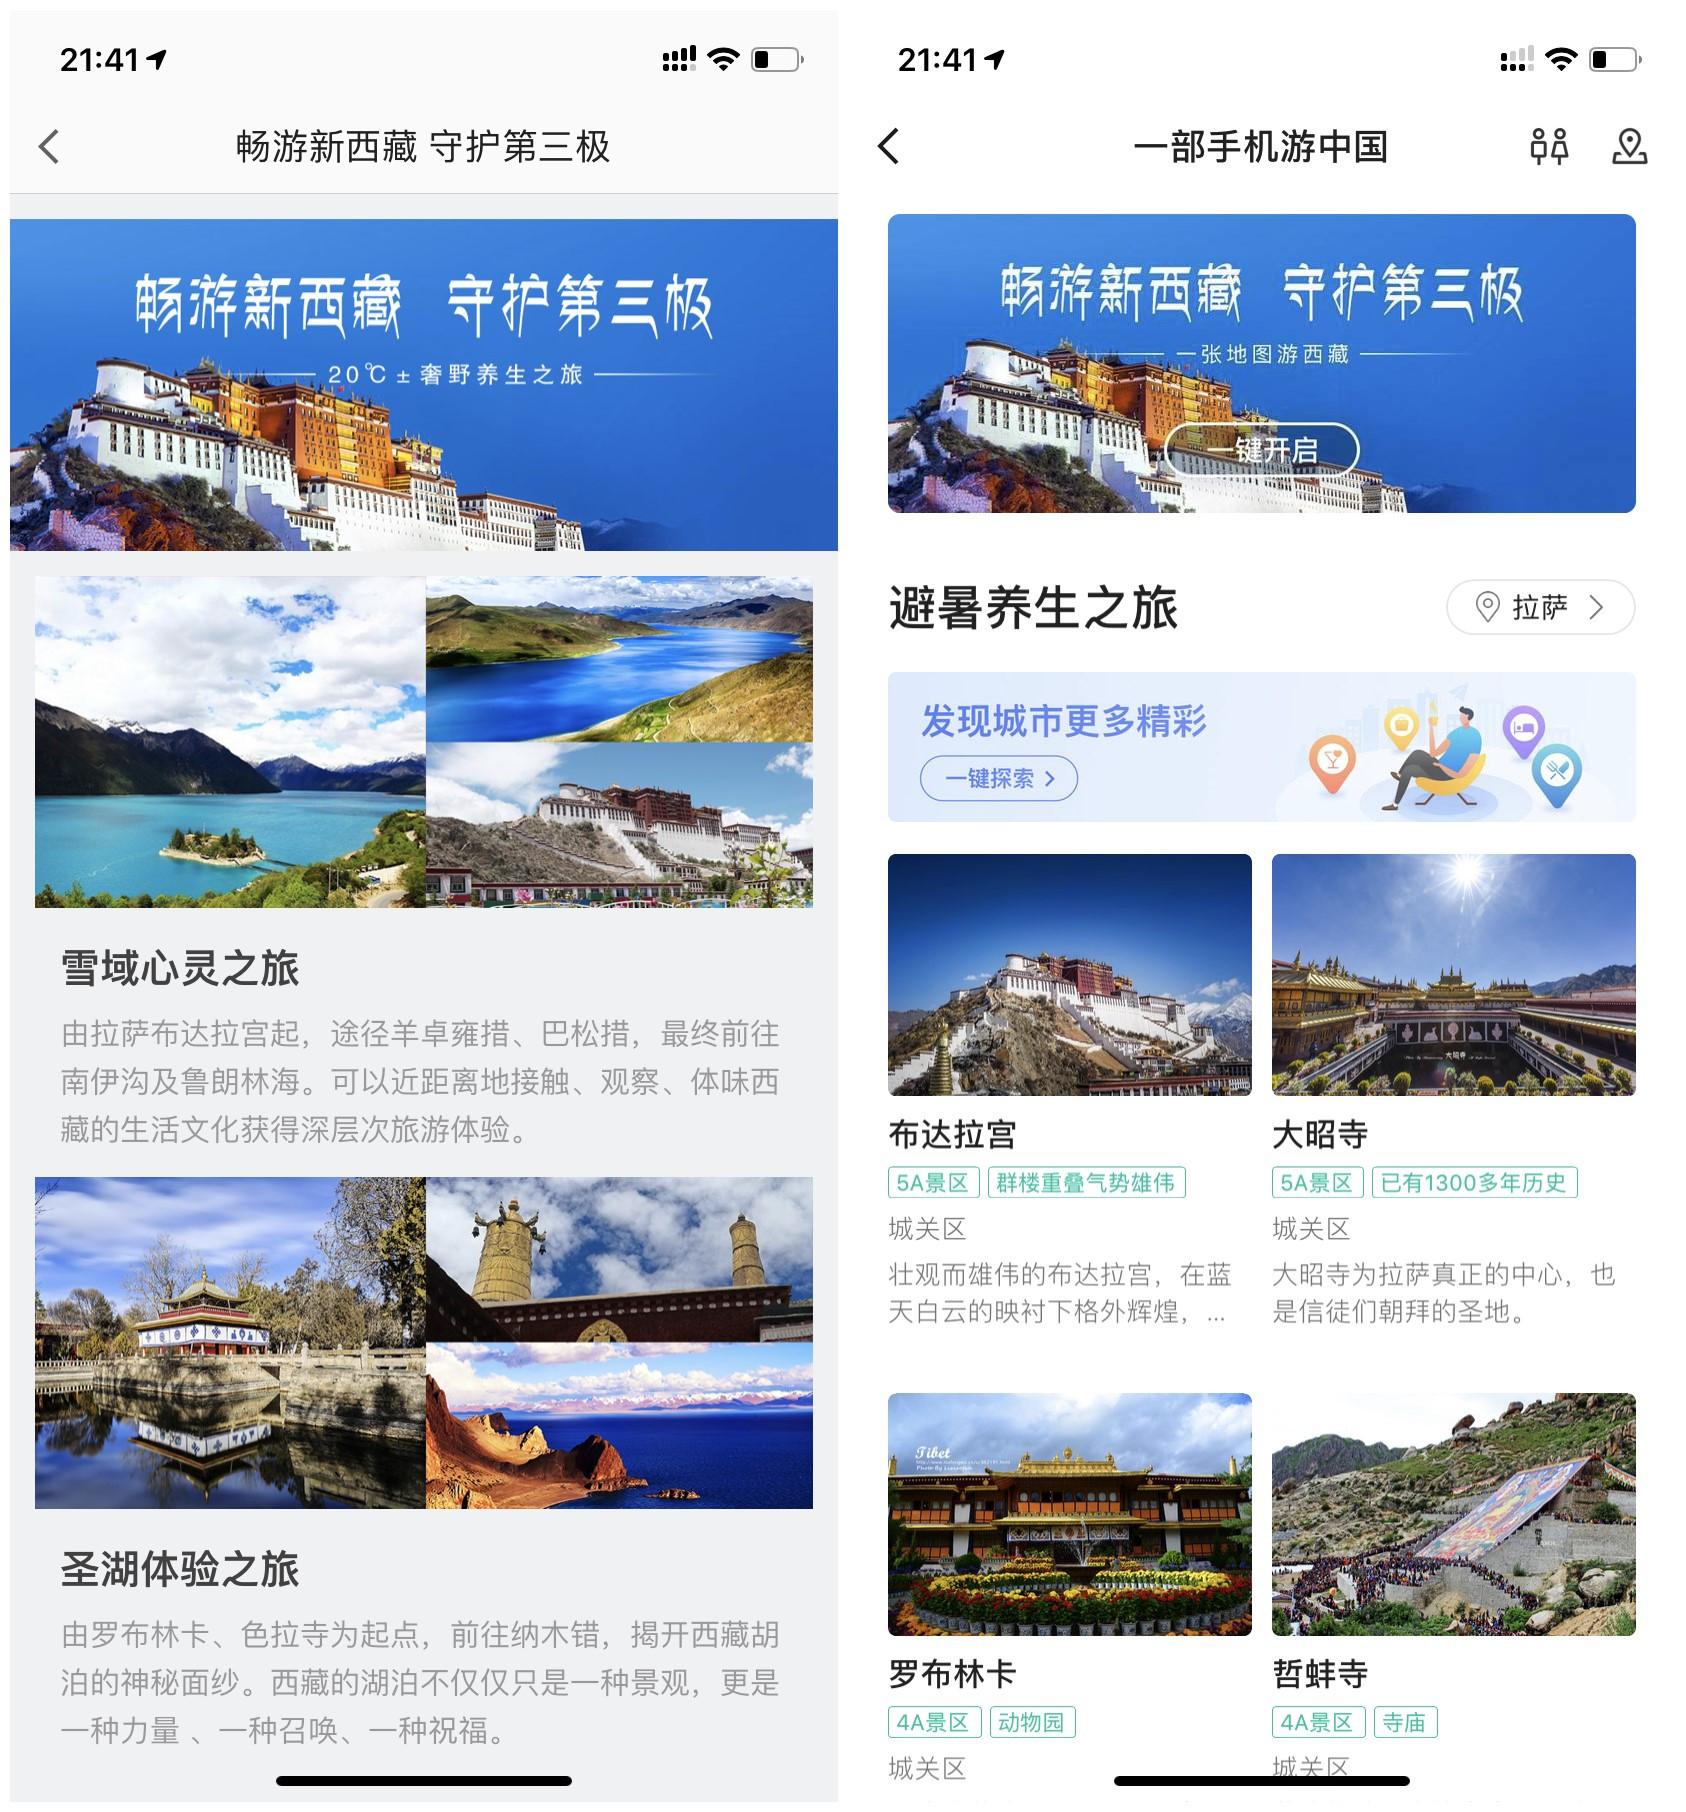 """高德地图""""一张地图游西藏"""" 上线,助推西藏旅游发展"""